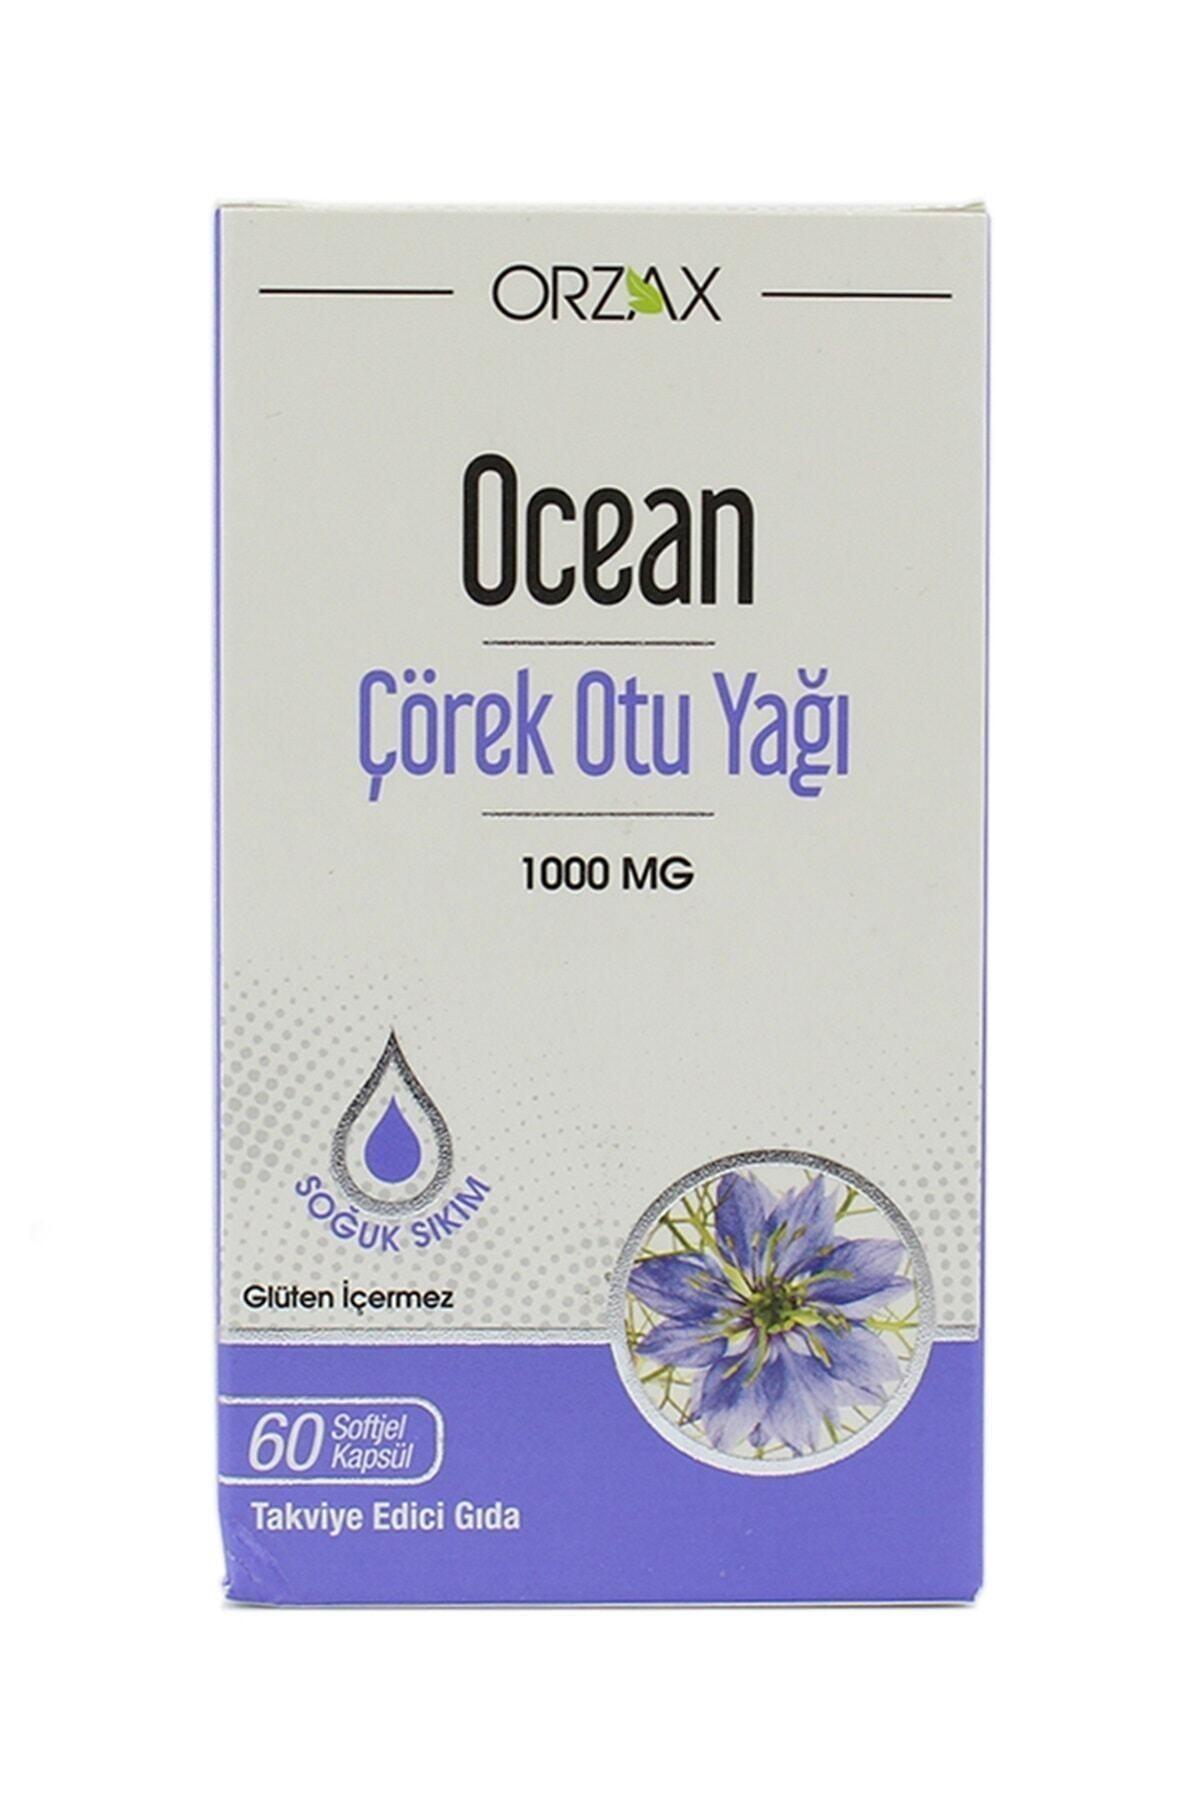 Ocean Çörek Otu Yağı 60 Kapsül 1